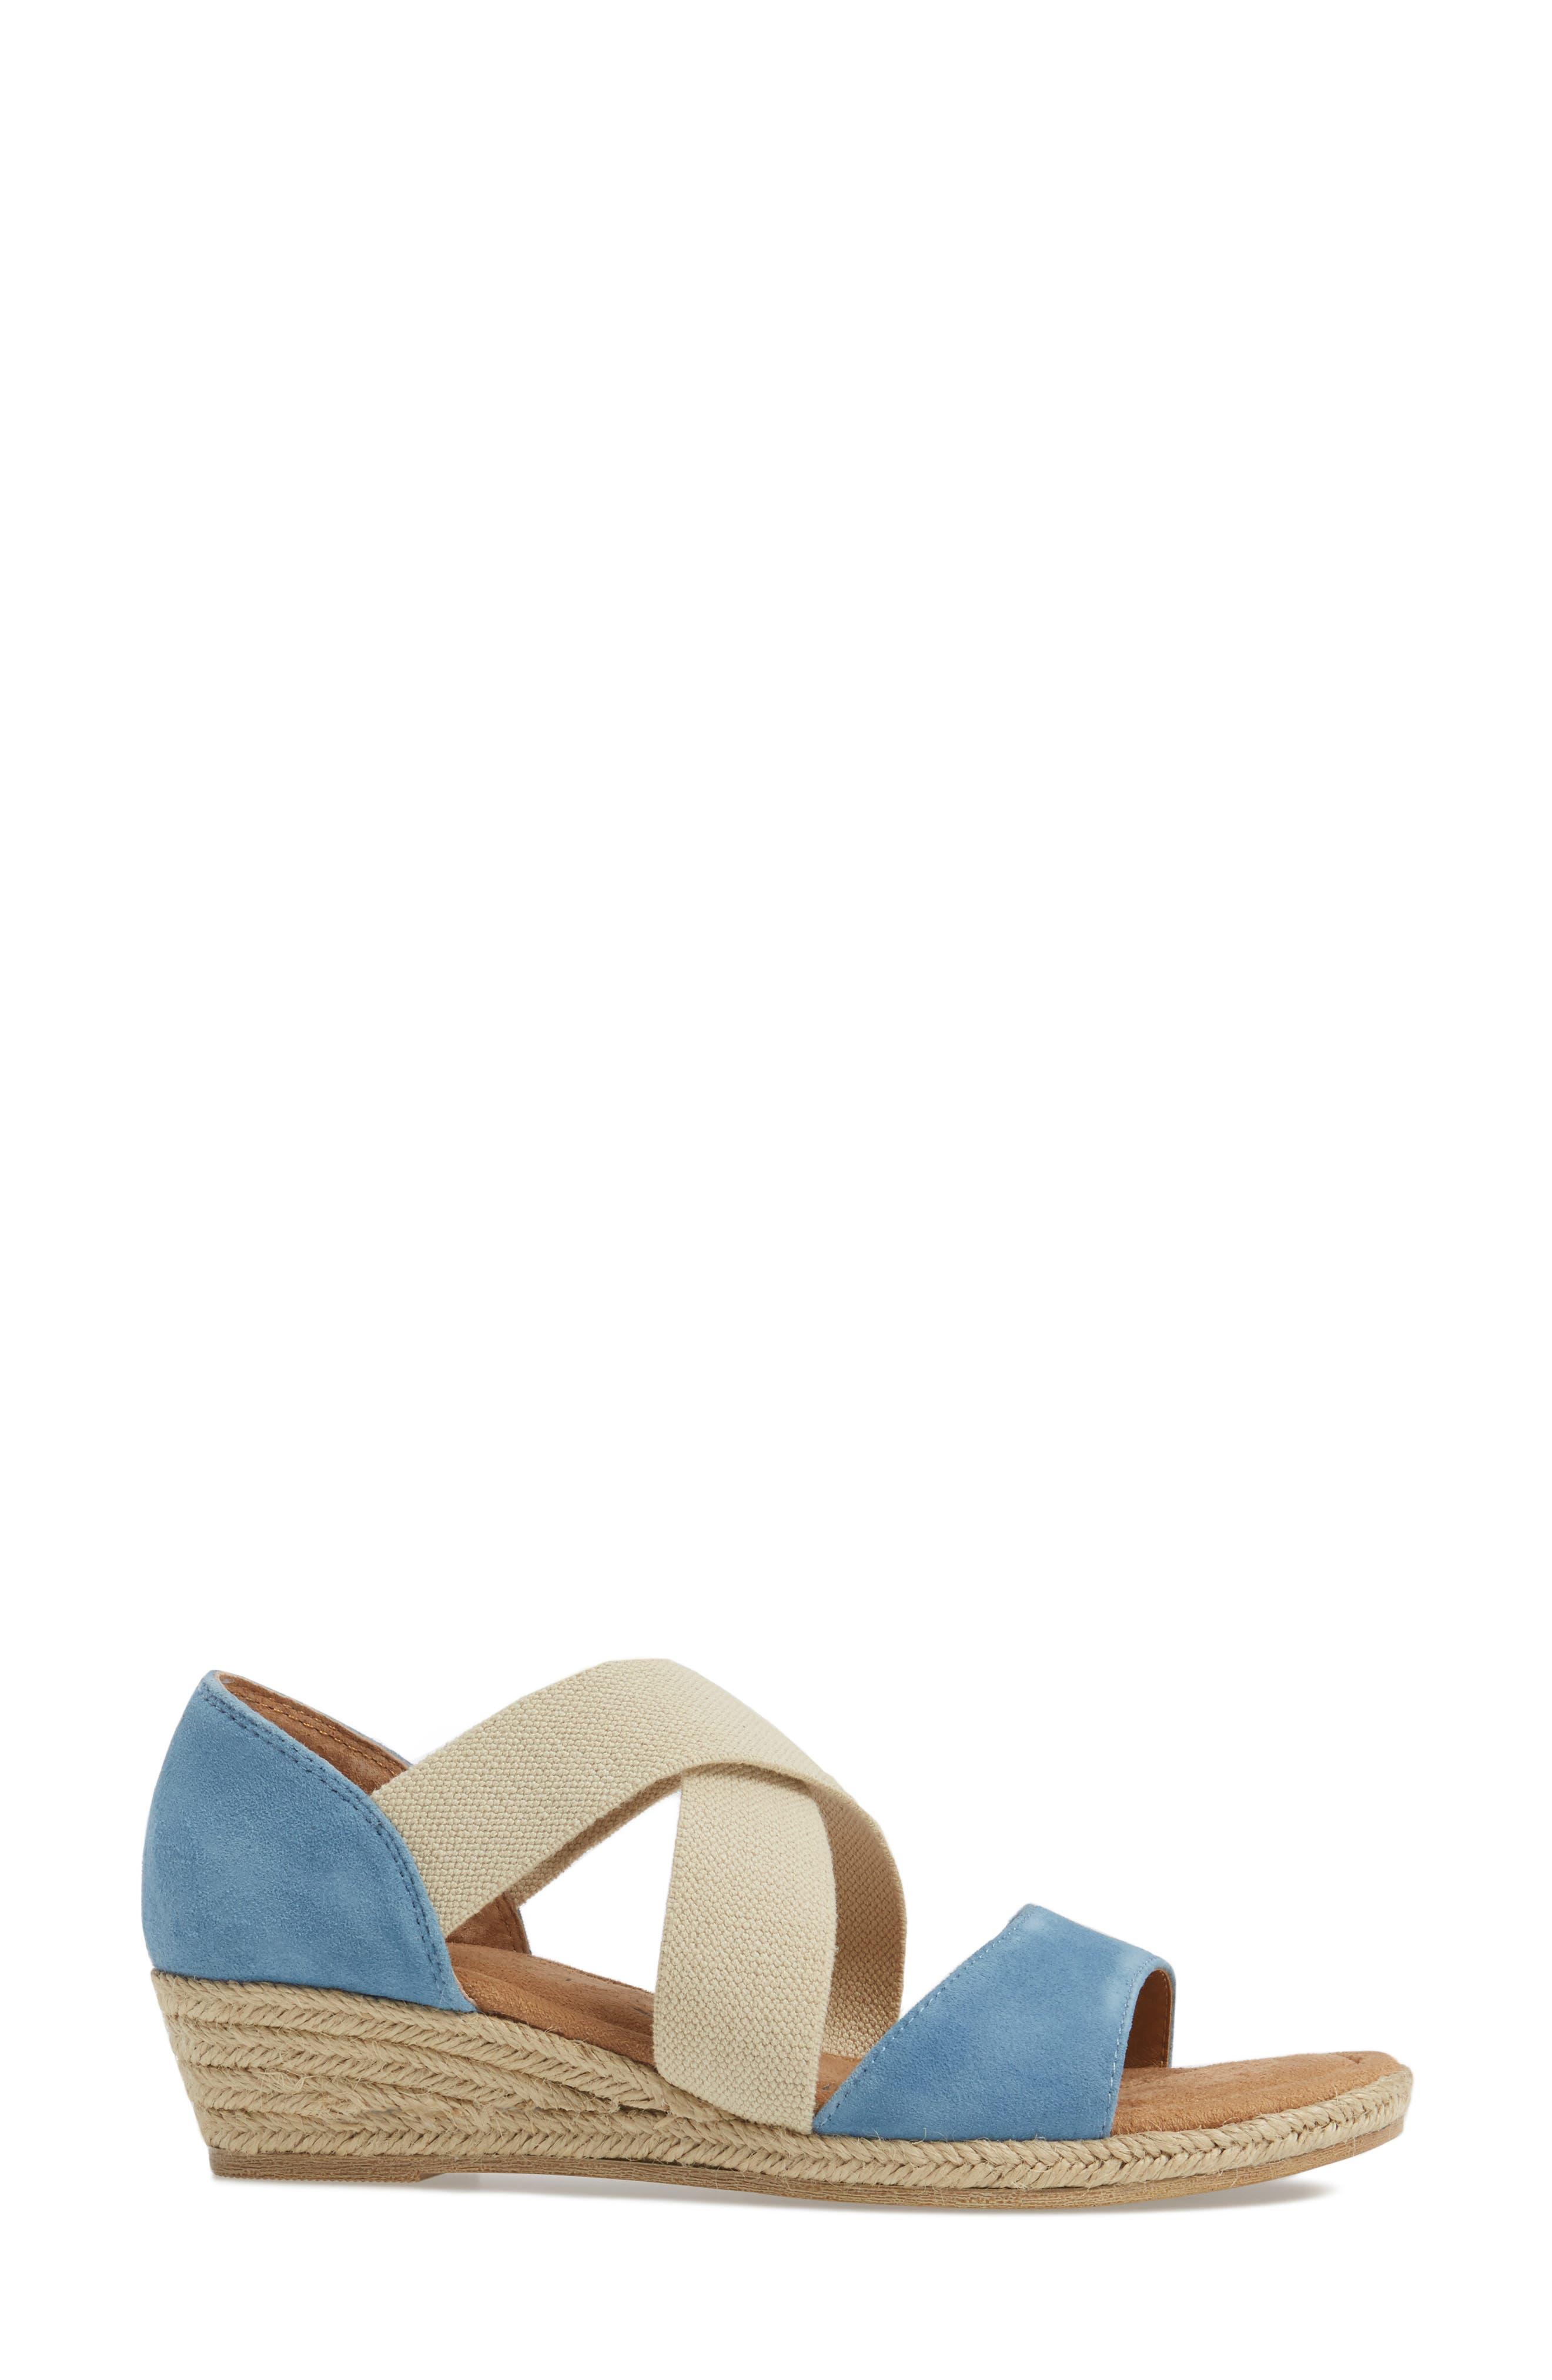 Brye Espadrille Sandal,                             Alternate thumbnail 3, color,                             Pale Blue Suede